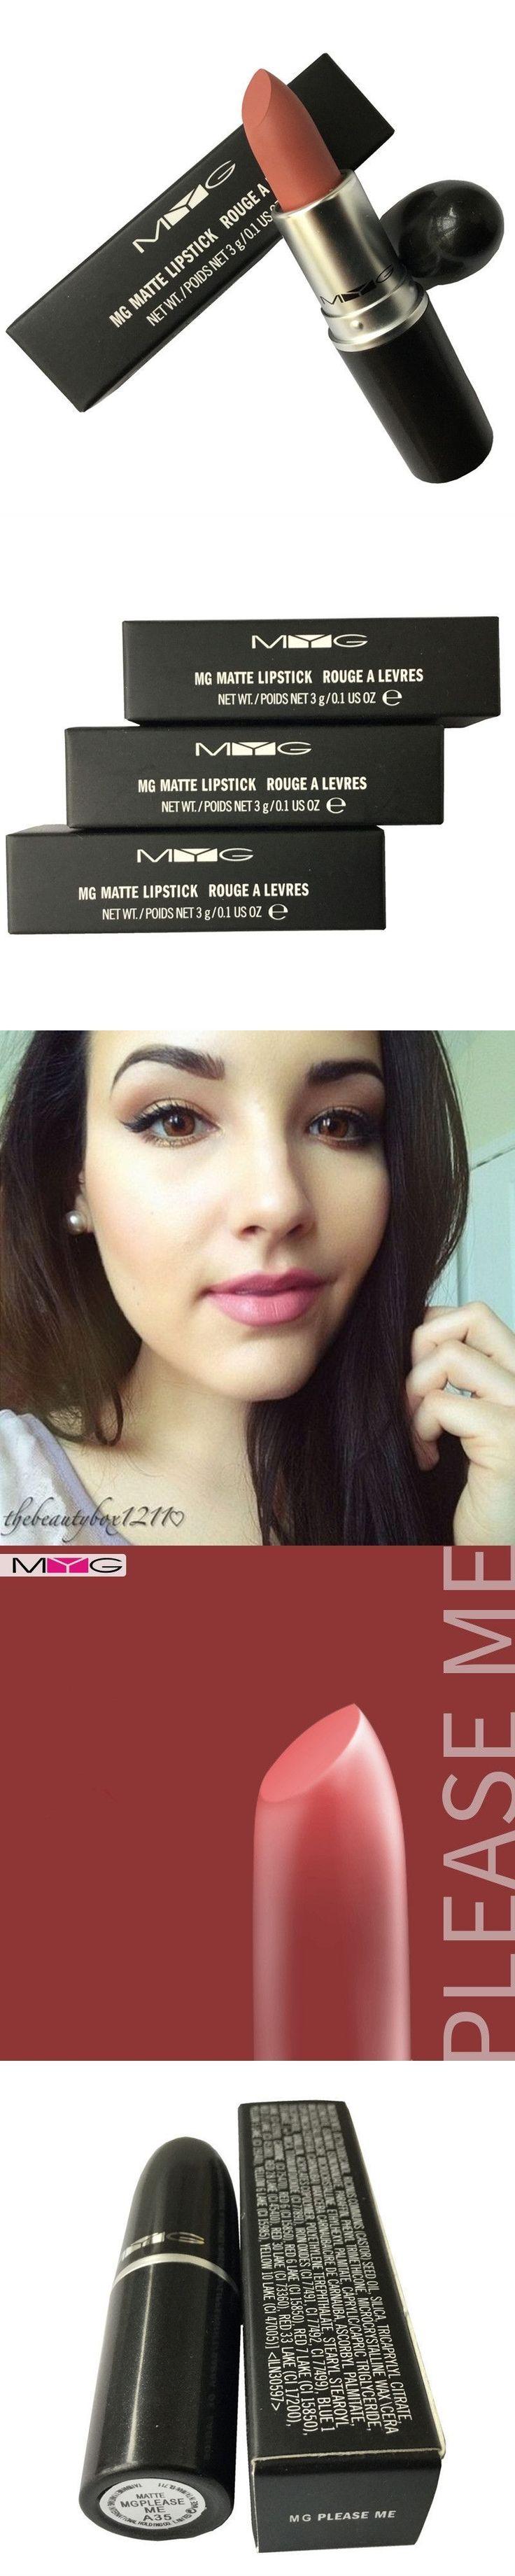 MYG please me pink matte lipstick batom lips makeup ,long lasting lipstick,matte lipstick set,penis lipstick,lip gloss #pinklipsmatte